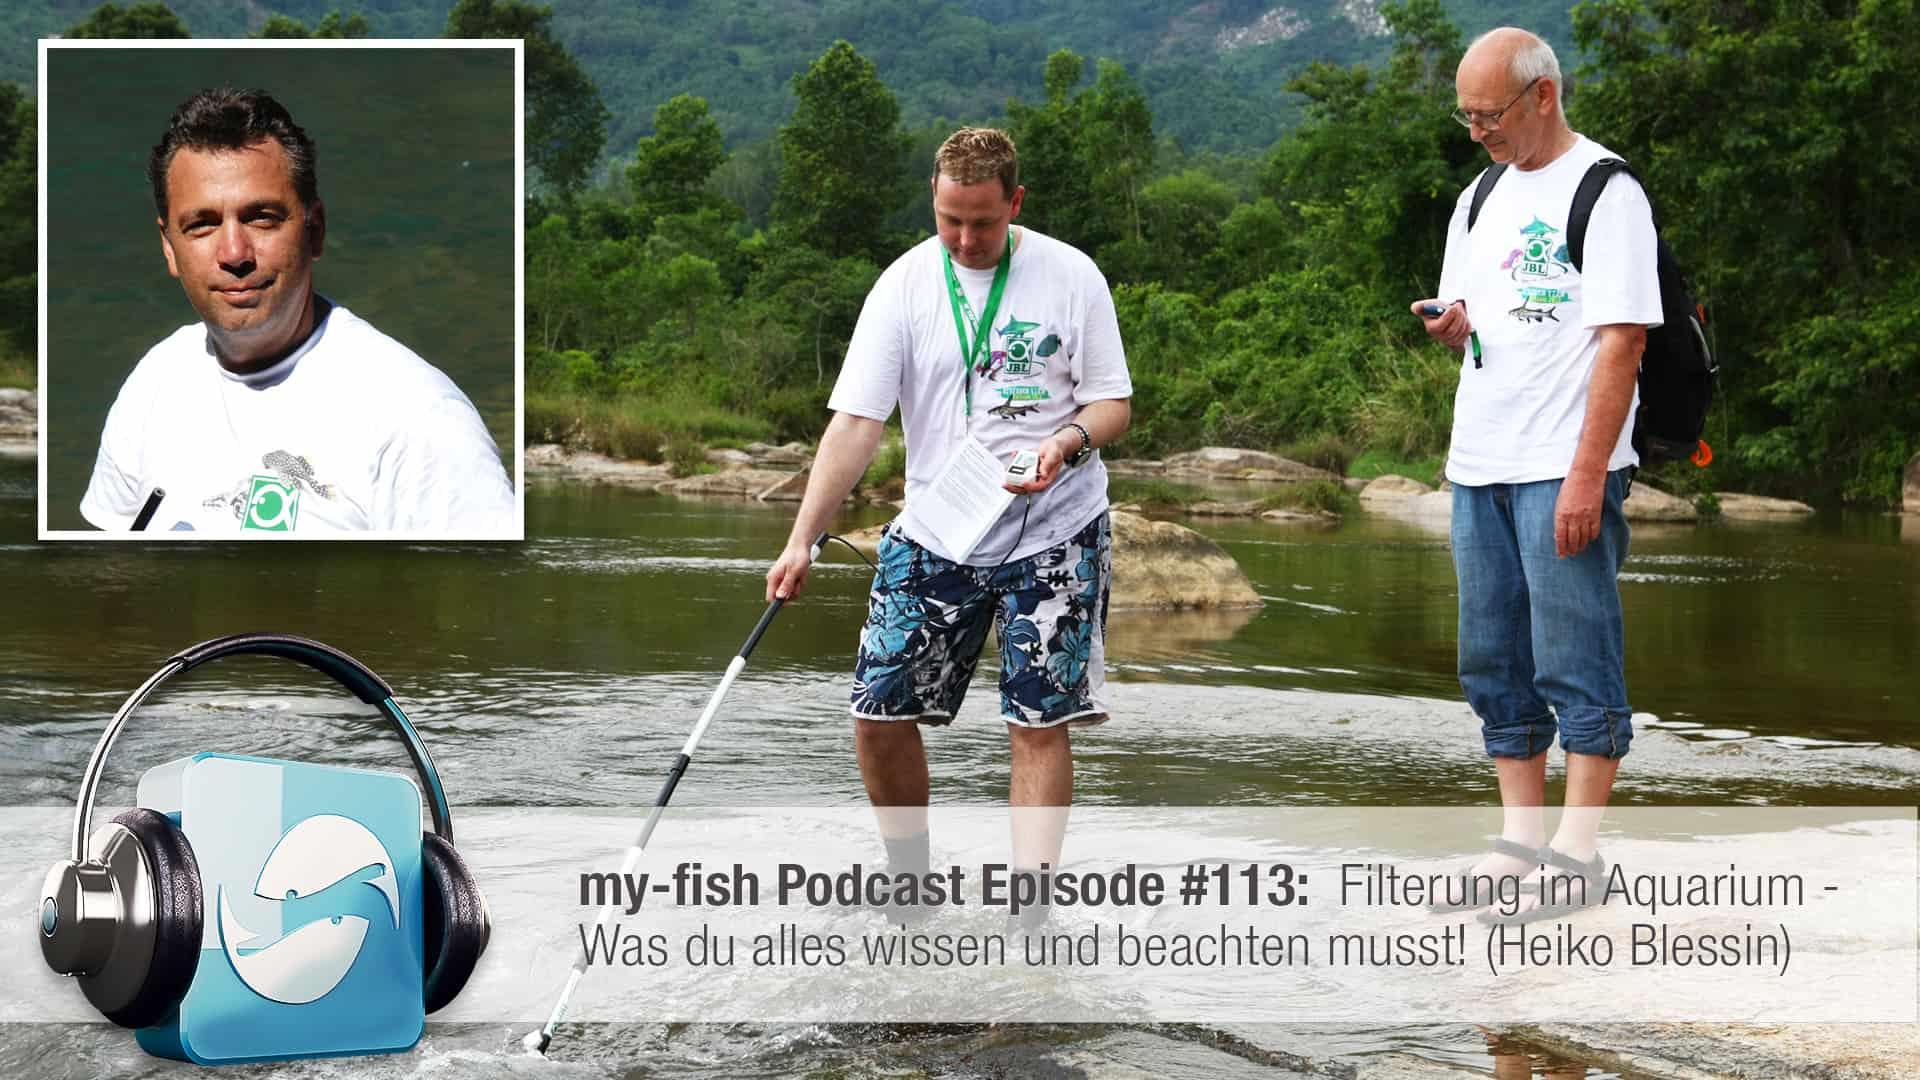 Podcast Episode #113: Filterung im Aquarium - Was du alles wissen und beachten musst! (Heiko Blessin) 1